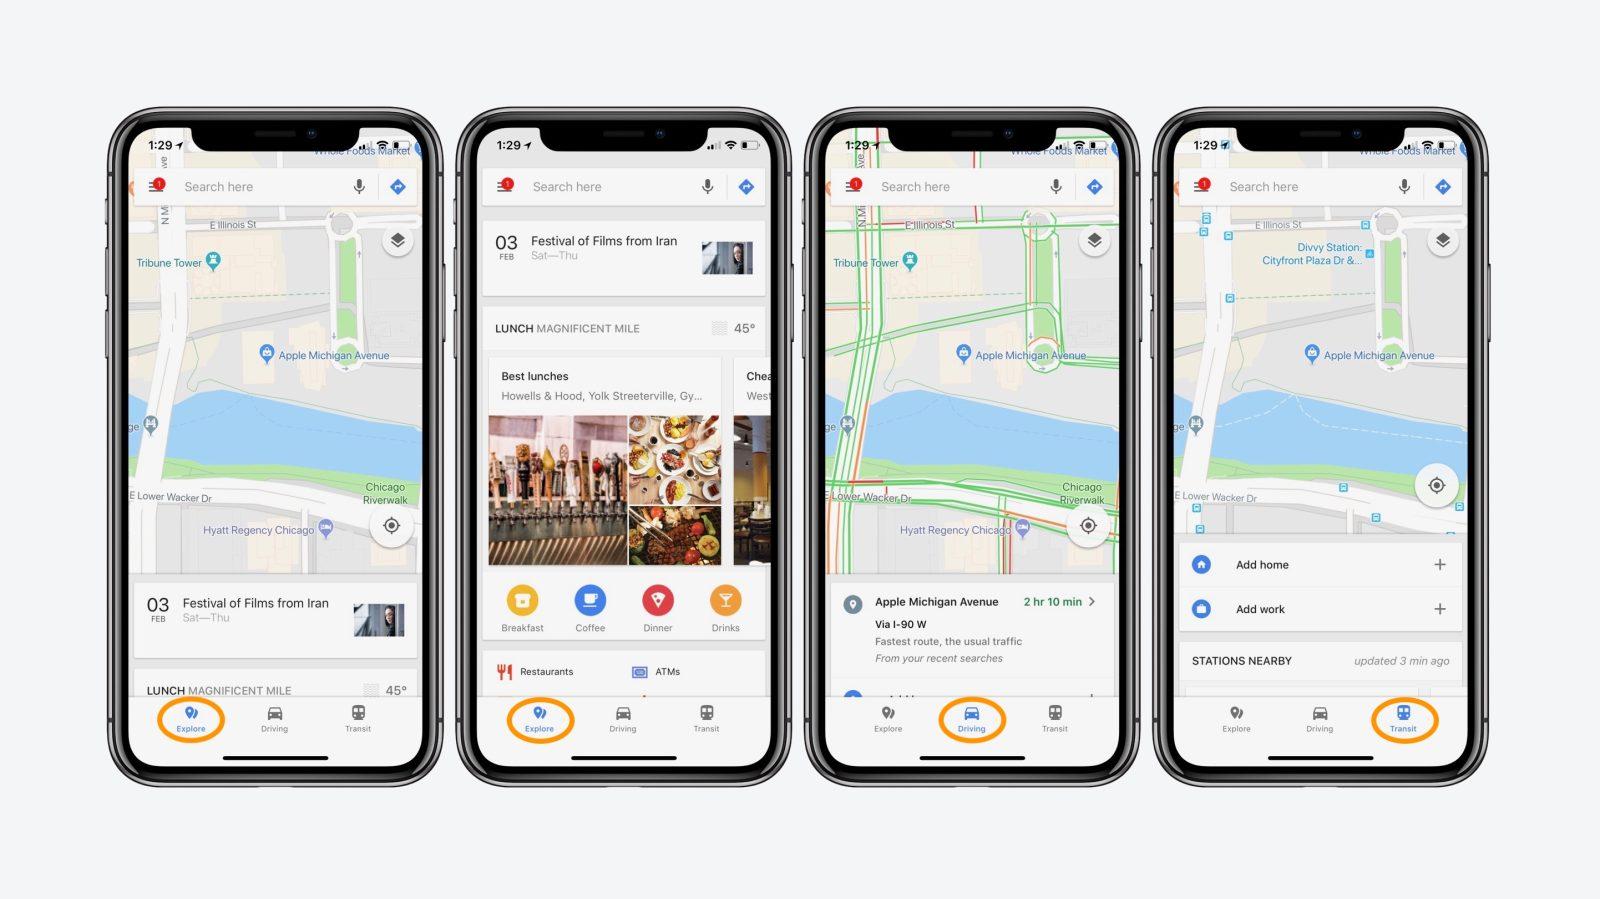 澳洲留学必备APP-Google Maps